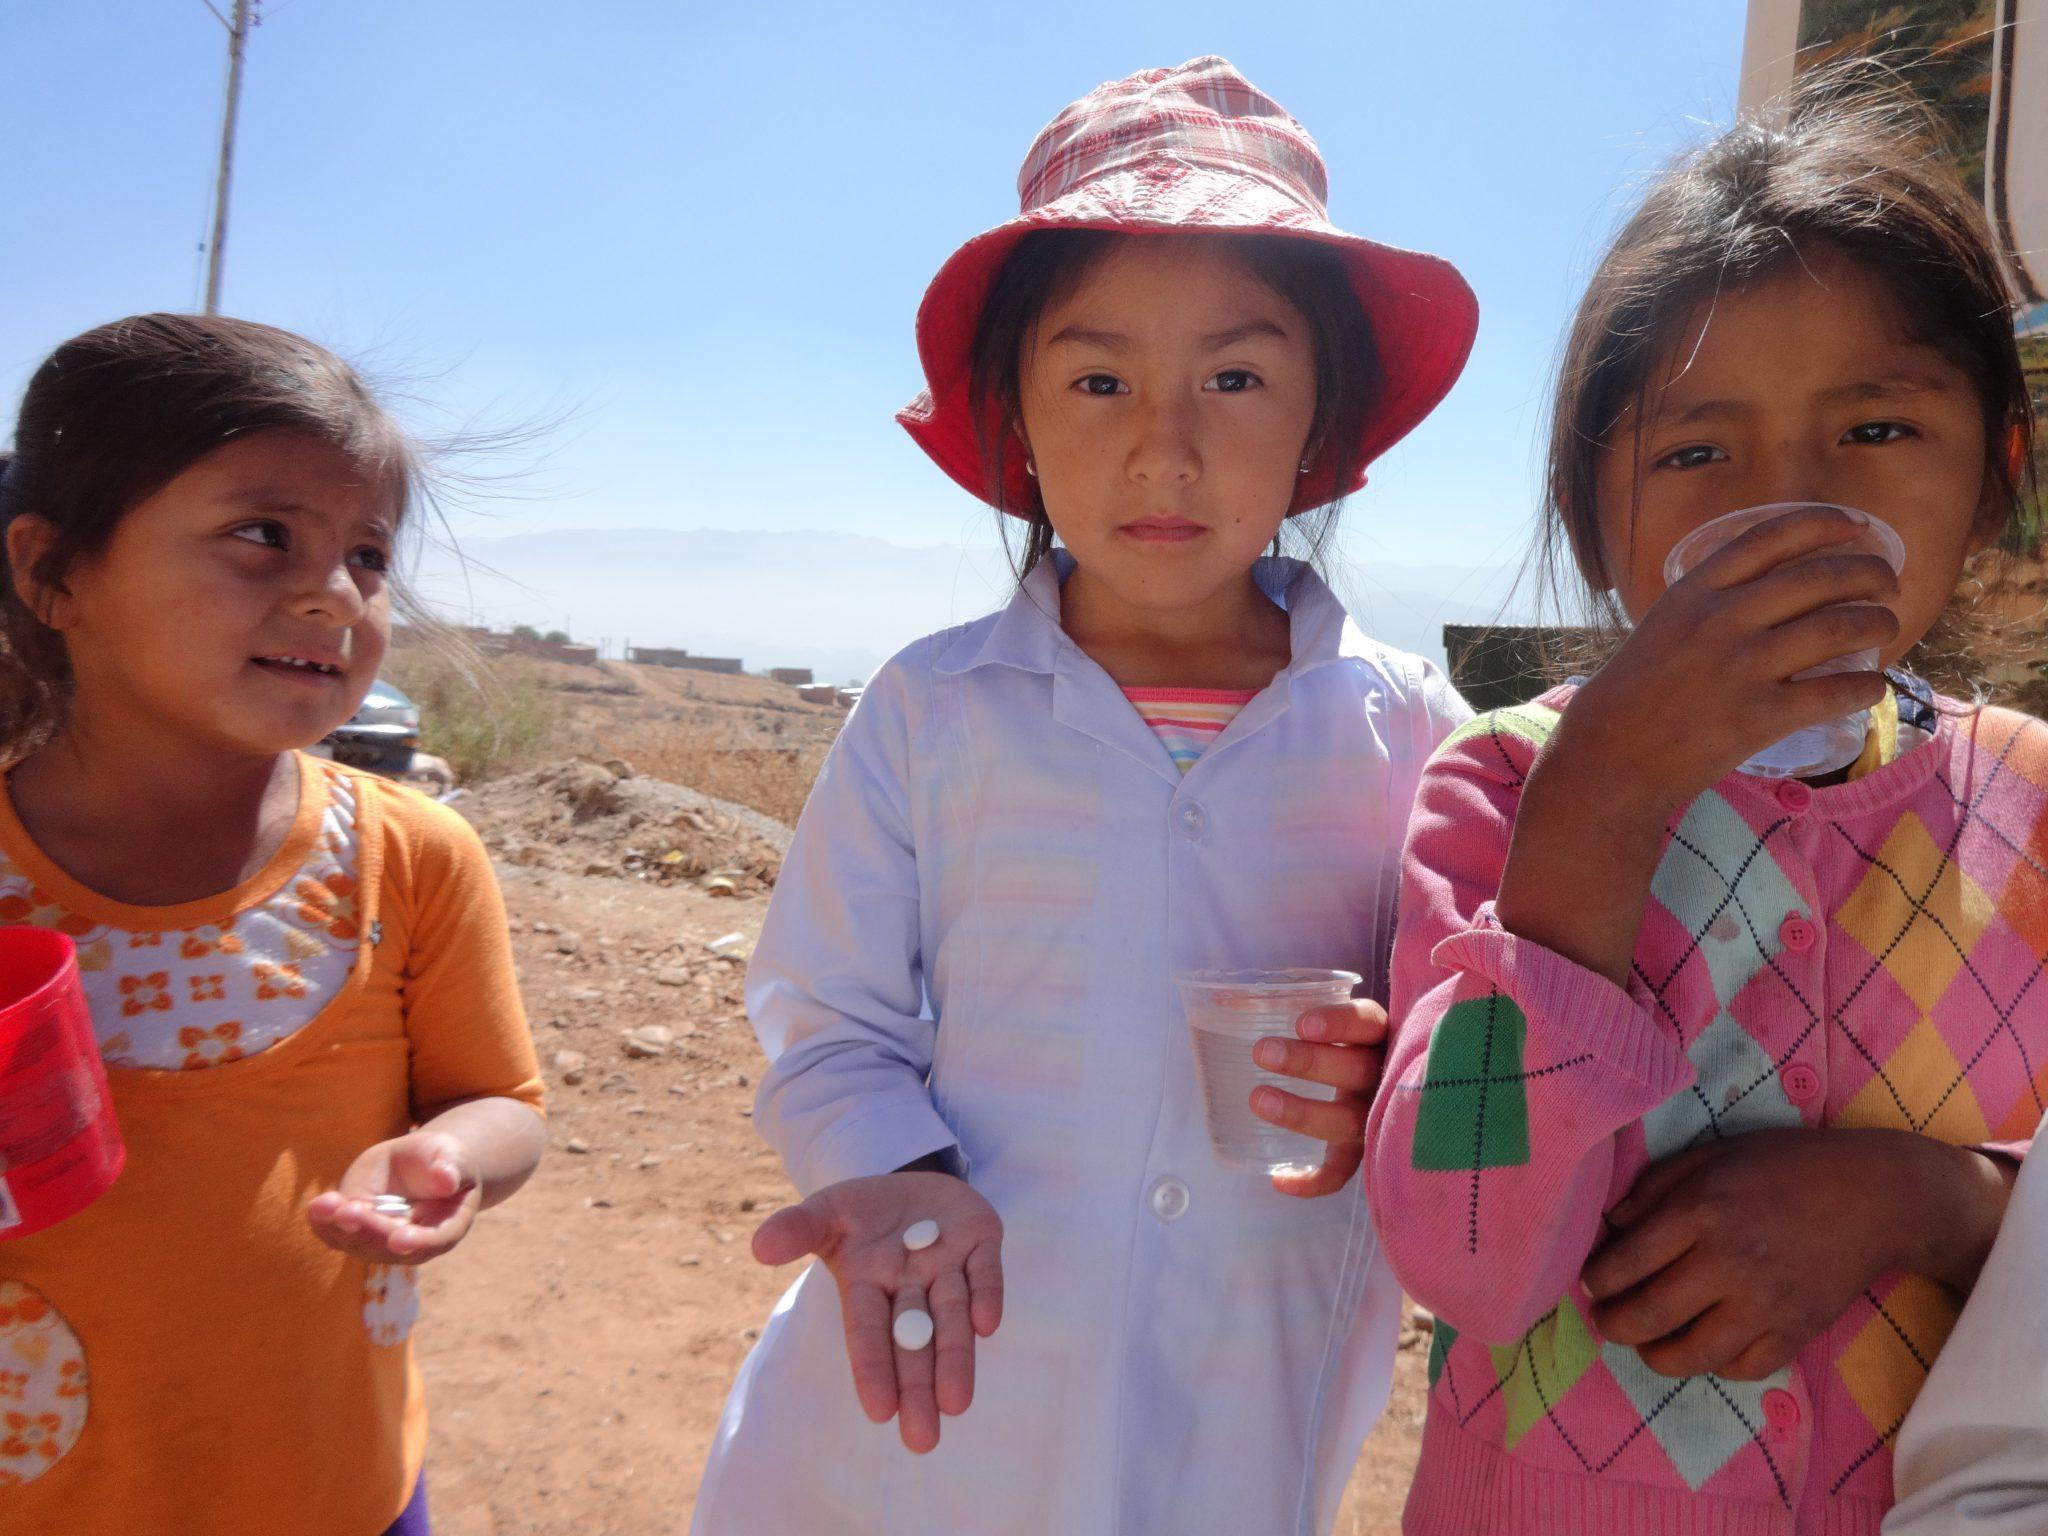 Kinder bolivien MZF